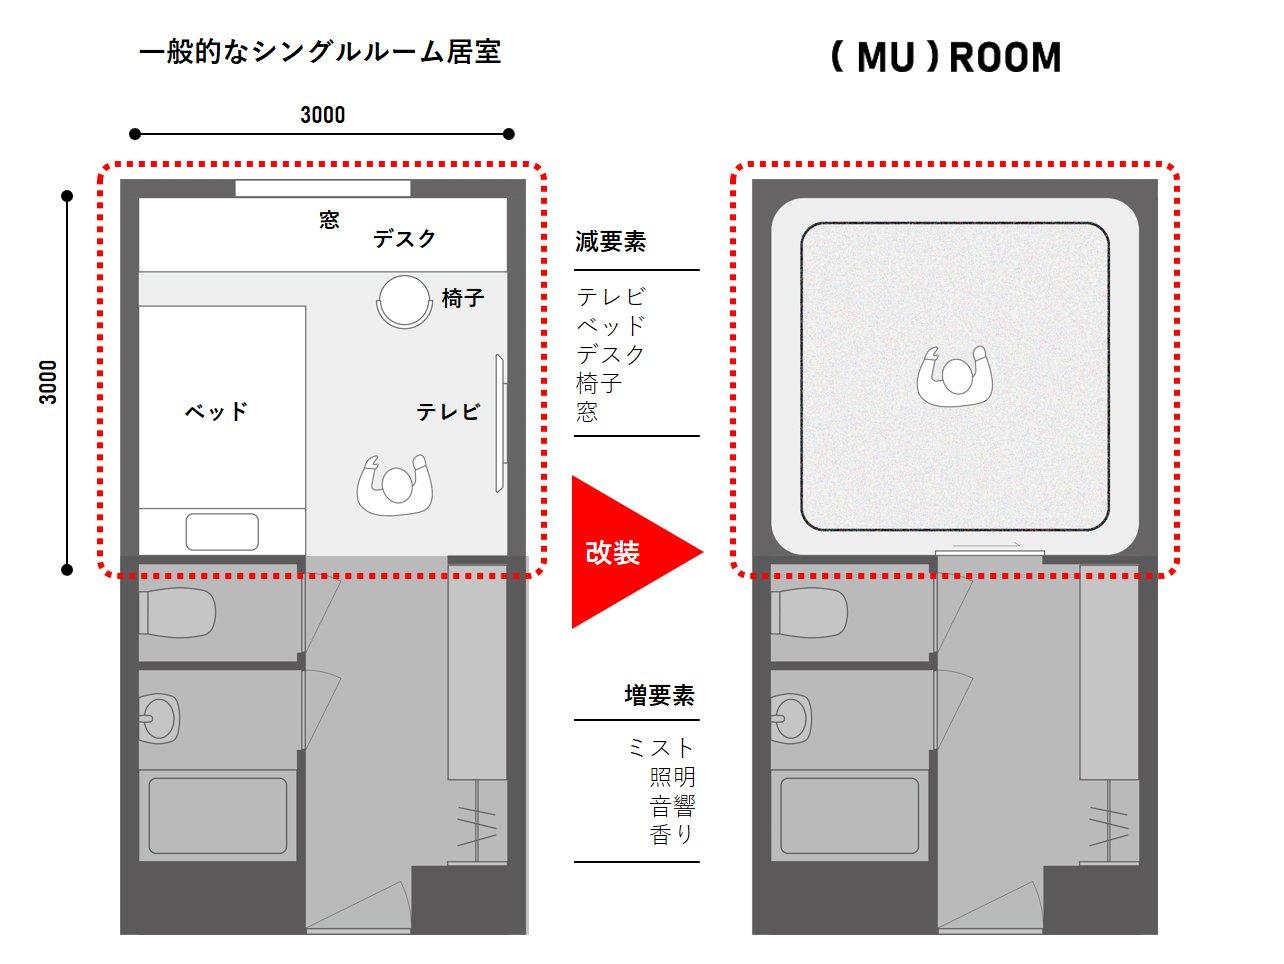 一般的な居室と(MU)ROOMとの間取り比較